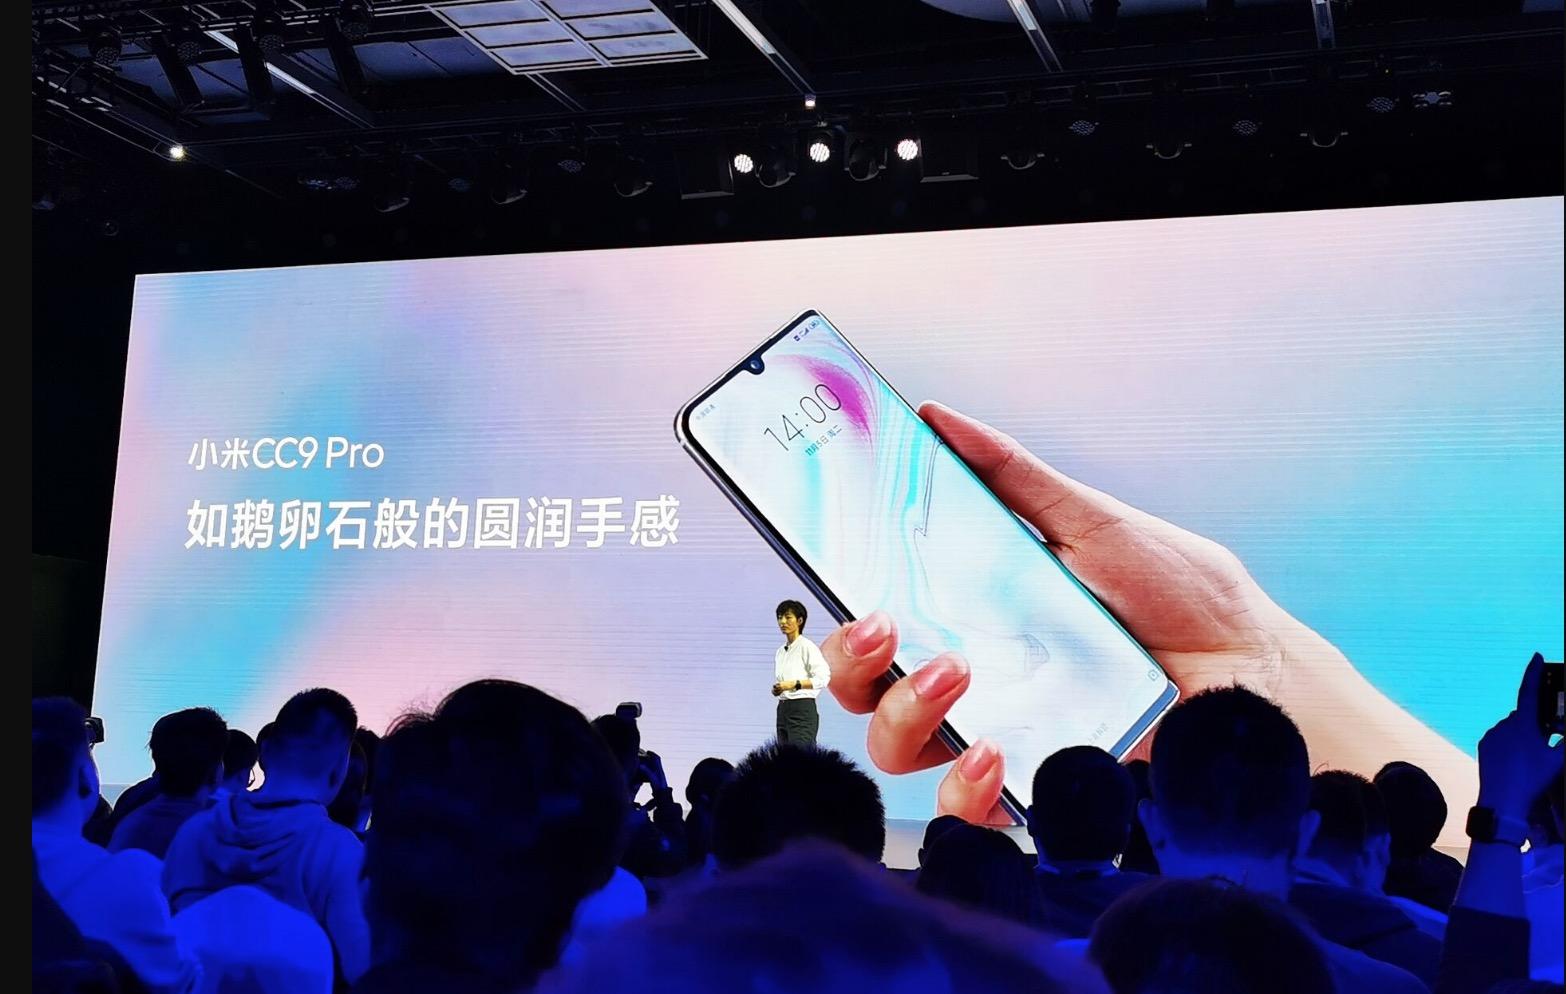 Xiaomi chính thức ra mắt CC9 Pro với Snapdragon 730G, camera 108MP, pin 5260mAh, giá từ 9.3 triệu